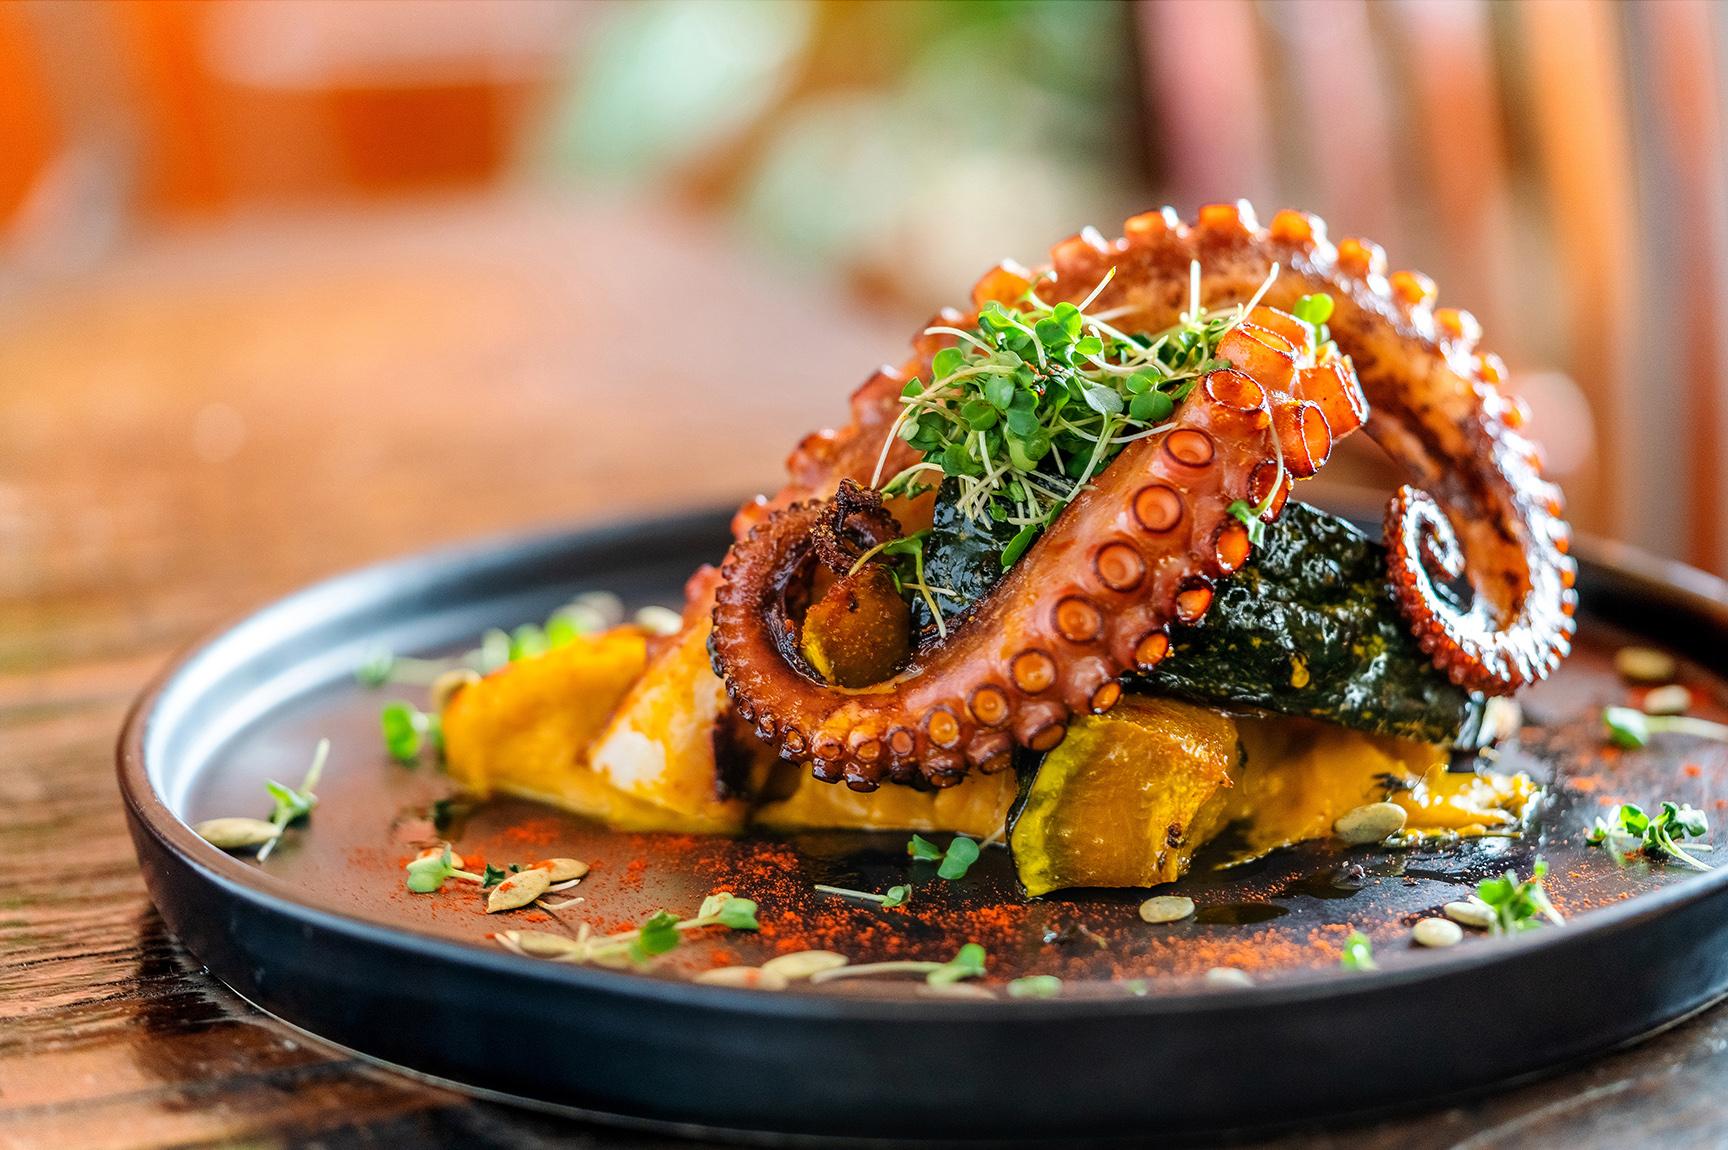 Restaurante Vie Rose surge no lugar do extinto Ruella, em Pinheiros | VEJA  SÃO PAULO